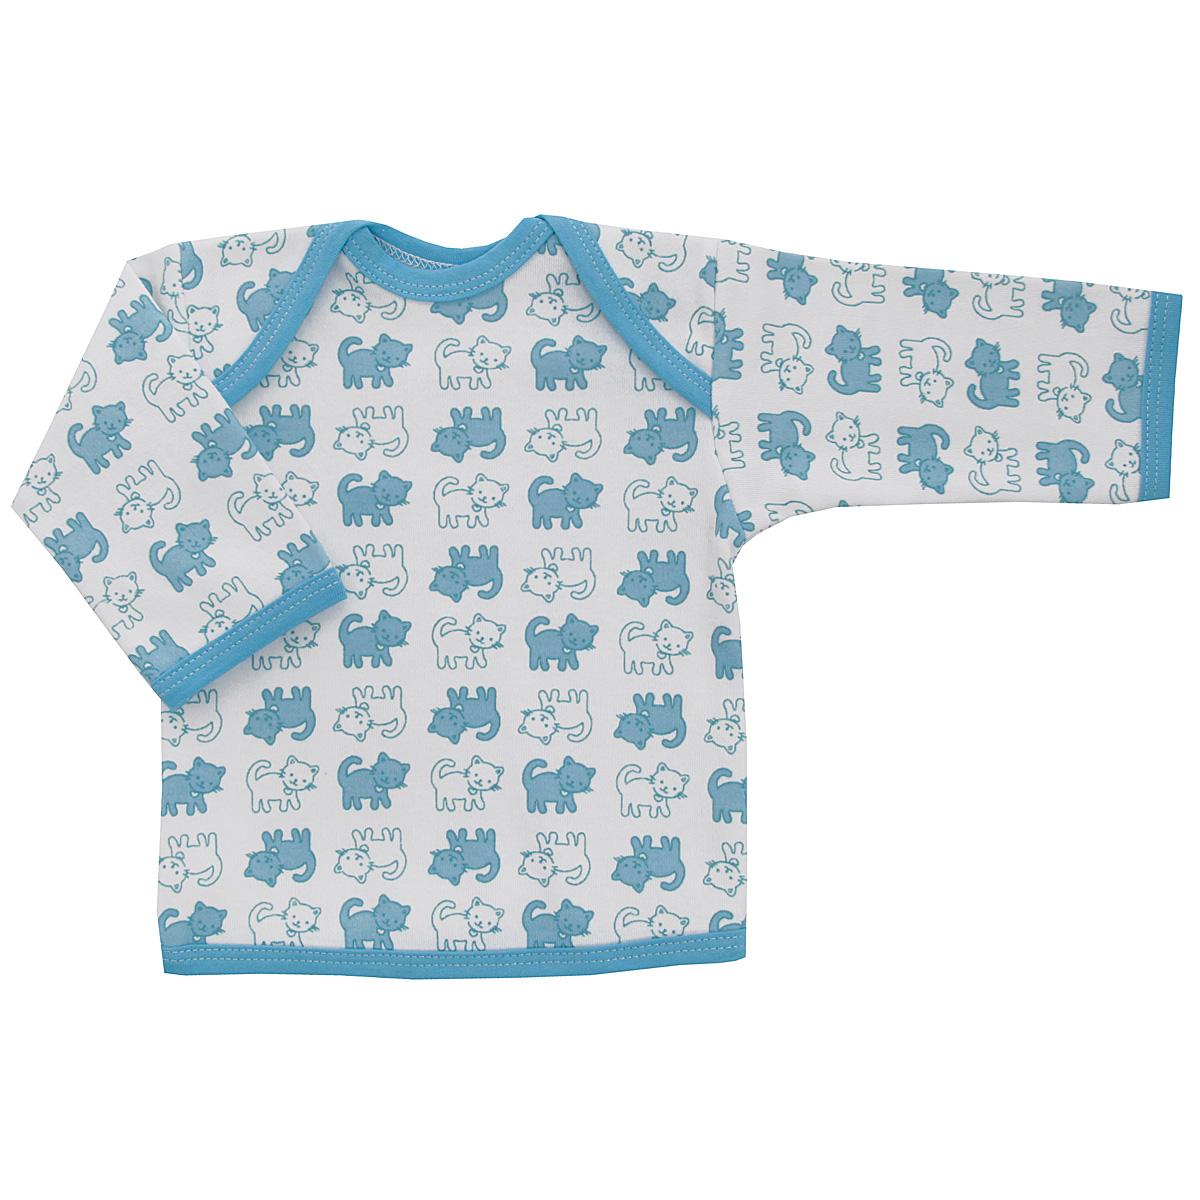 5611_котенокУдобная детская футболка Трон-плюс с длинными рукавами послужит идеальным дополнением к гардеробу вашего ребенка, обеспечивая ему наибольший комфорт. Изготовленная из интерлока - натурального хлопка, она необычайно мягкая и легкая, не раздражает нежную кожу ребенка и хорошо вентилируется, а эластичные швы приятны телу ребенка и не препятствуют его движениям. Удобные запахи на плечах помогают легко переодеть младенца. Горловина, низ модели и низ рукавов дополнены трикотажной бейкой. Спинка модели незначительно укорочена. Оформлено изделие принтом с изображениями котенка. Футболка полностью соответствует особенностям жизни ребенка в ранний период, не стесняя и не ограничивая его в движениях.